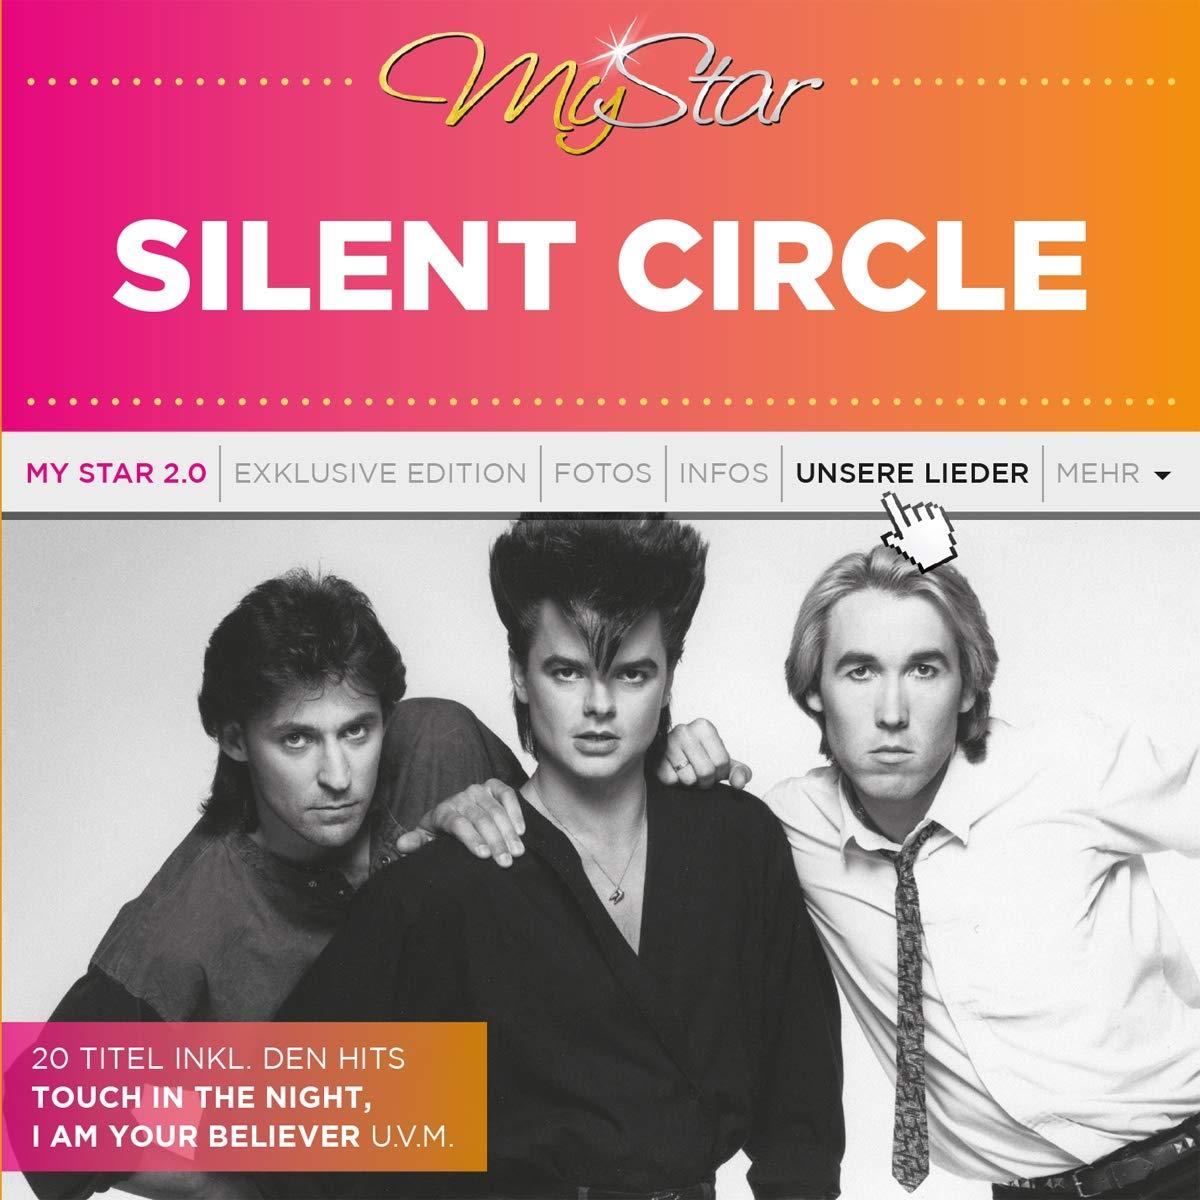 SILENT CIRCLE * My Star (CD) - Auch als Vinyl LP erhältlich!